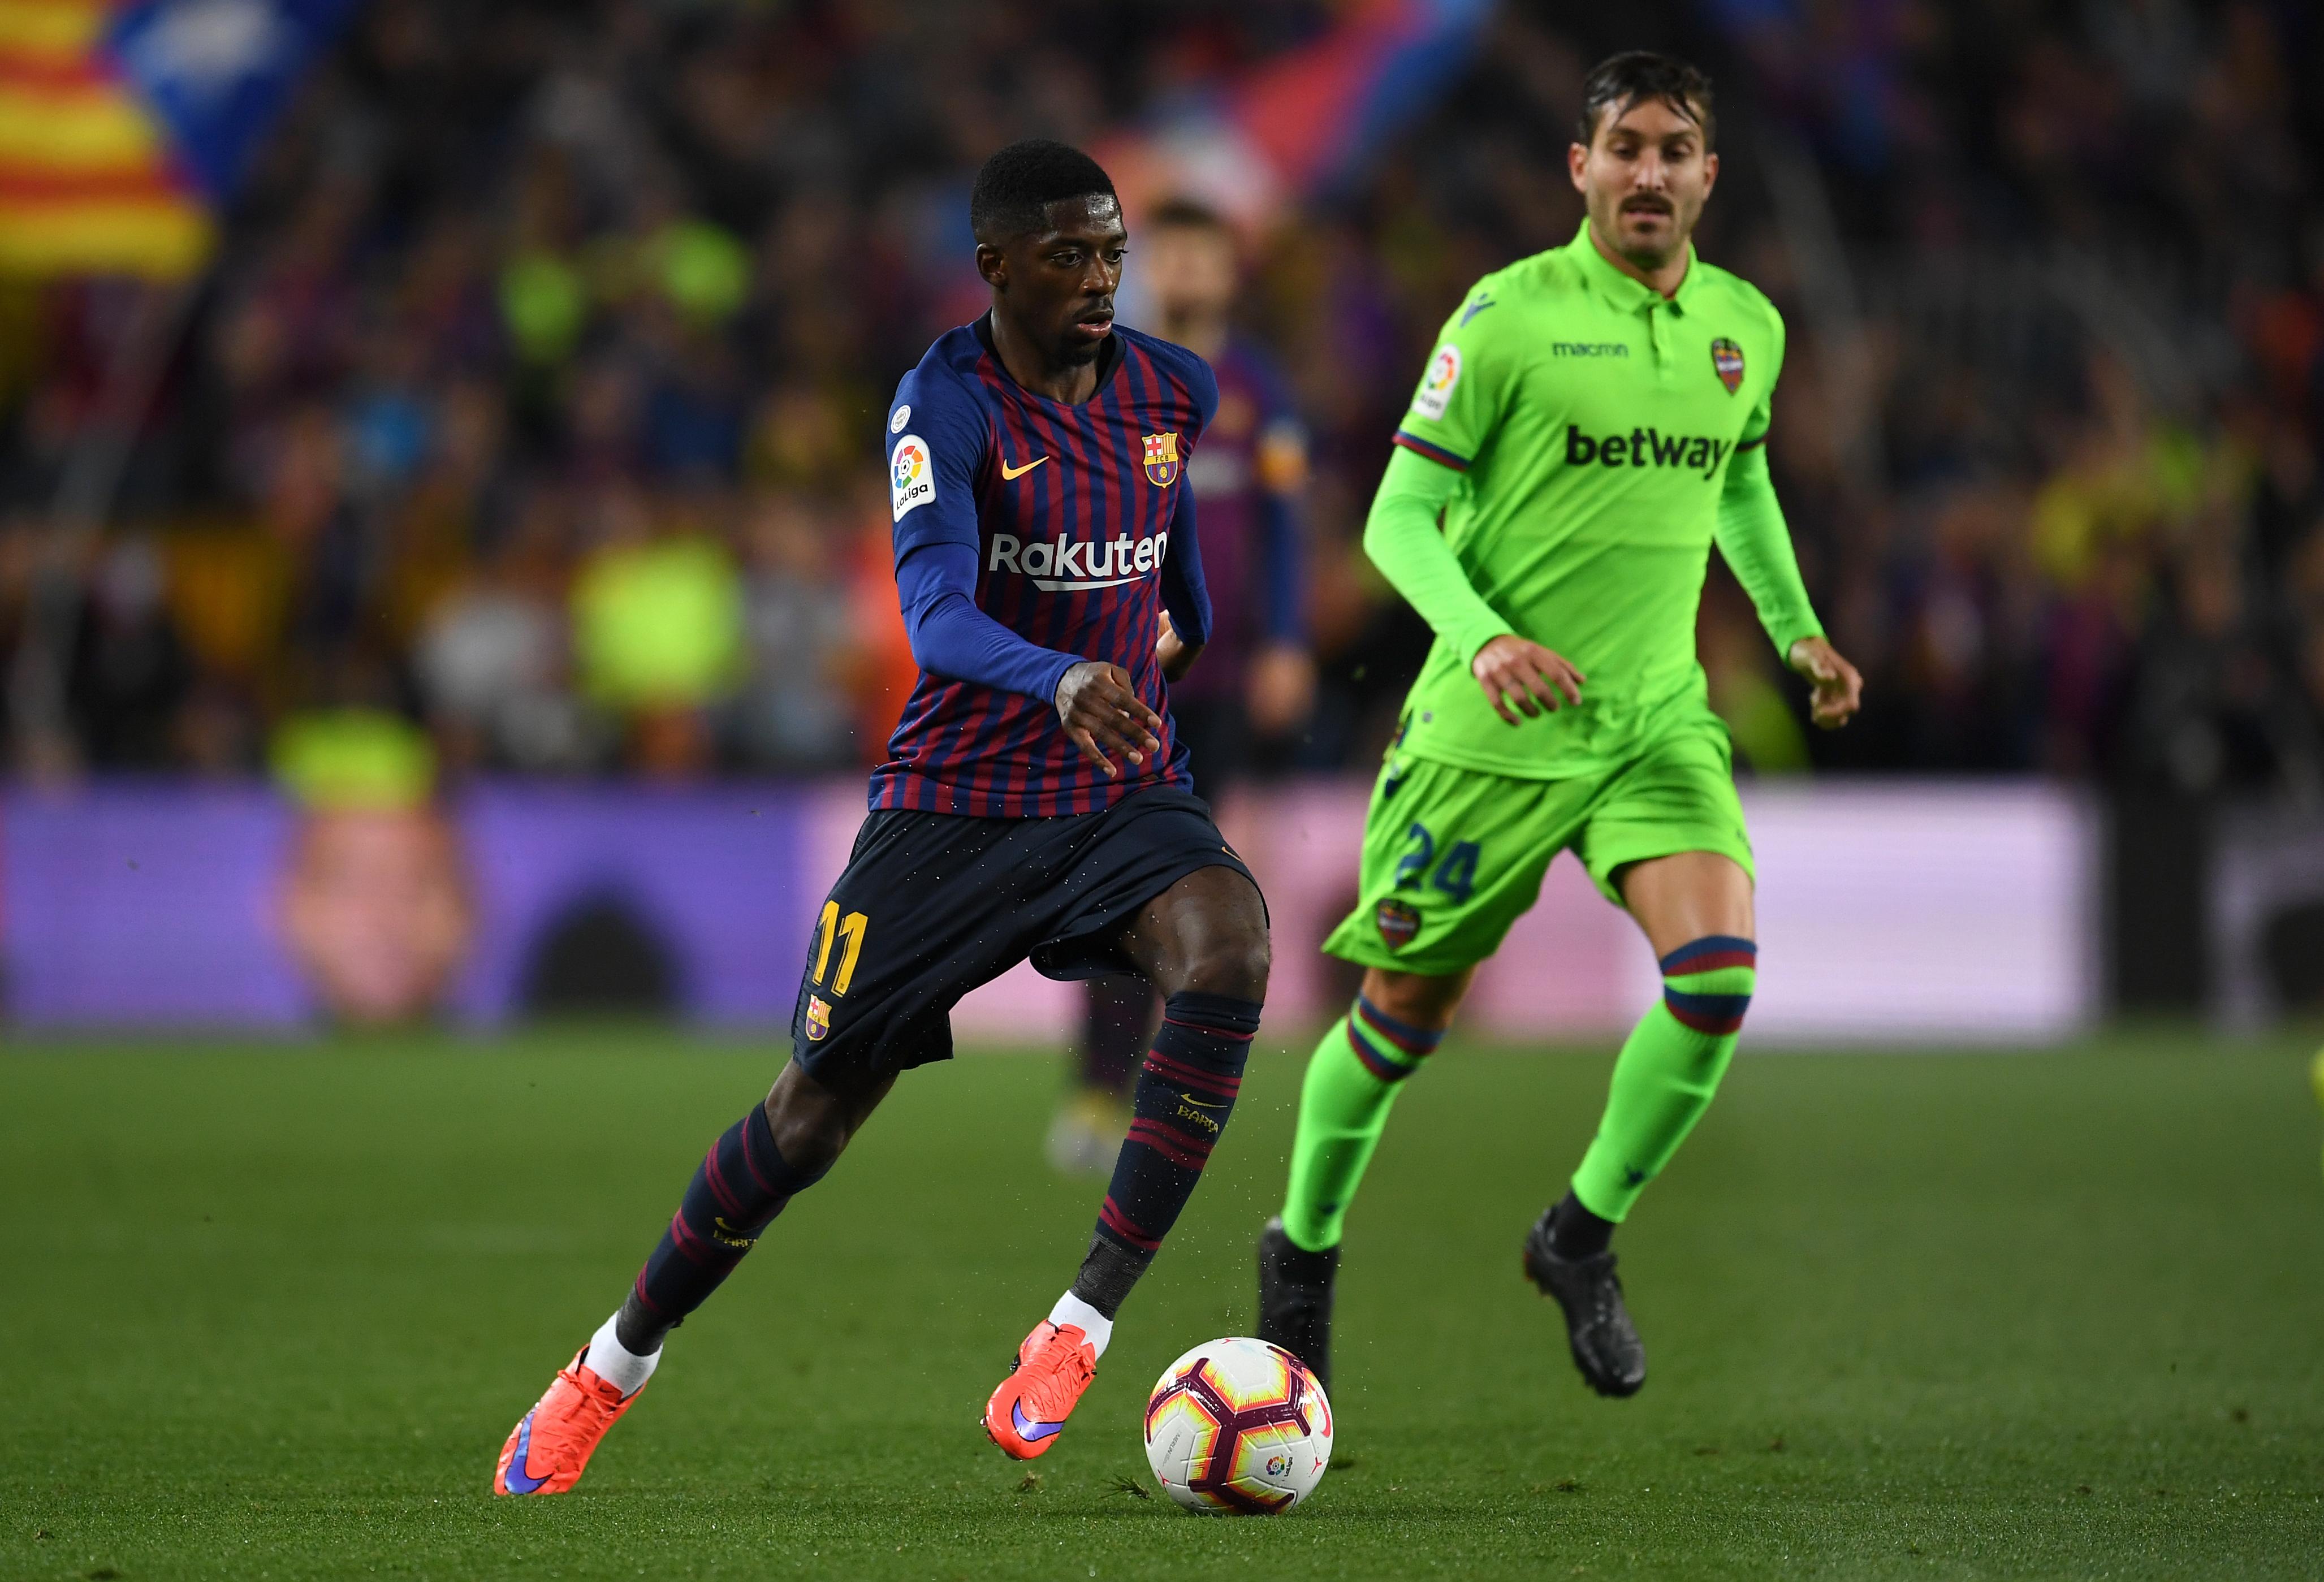 Mercato - Comprenez-vous le choix d'Ousmane Dembélé, qui refuse de rejoindre le PSG ?